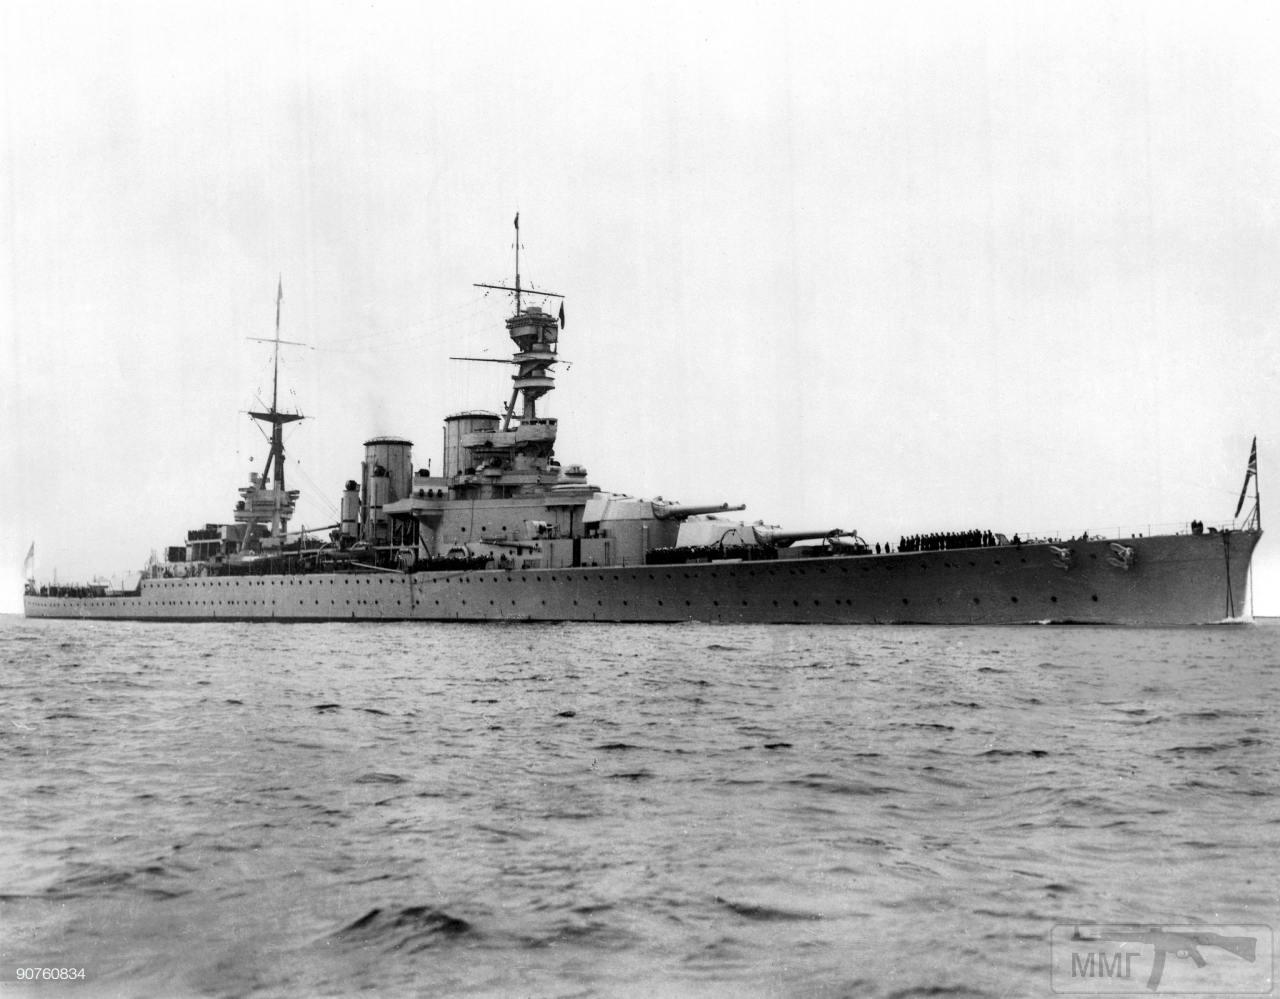 76328 - Броненосцы, дредноуты, линкоры и крейсера Британии